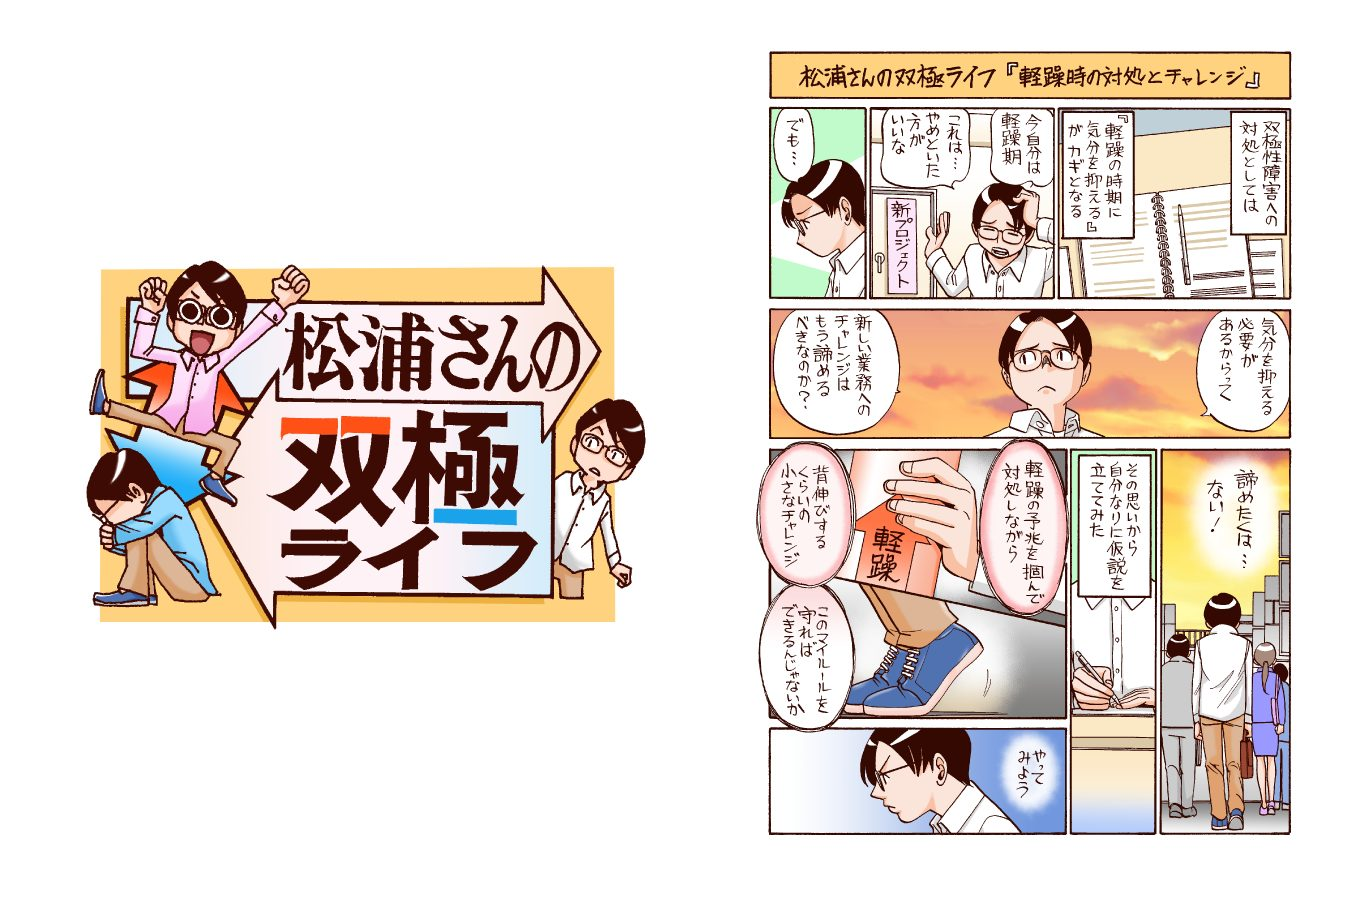 漫画「松浦さんの双極ライフ」